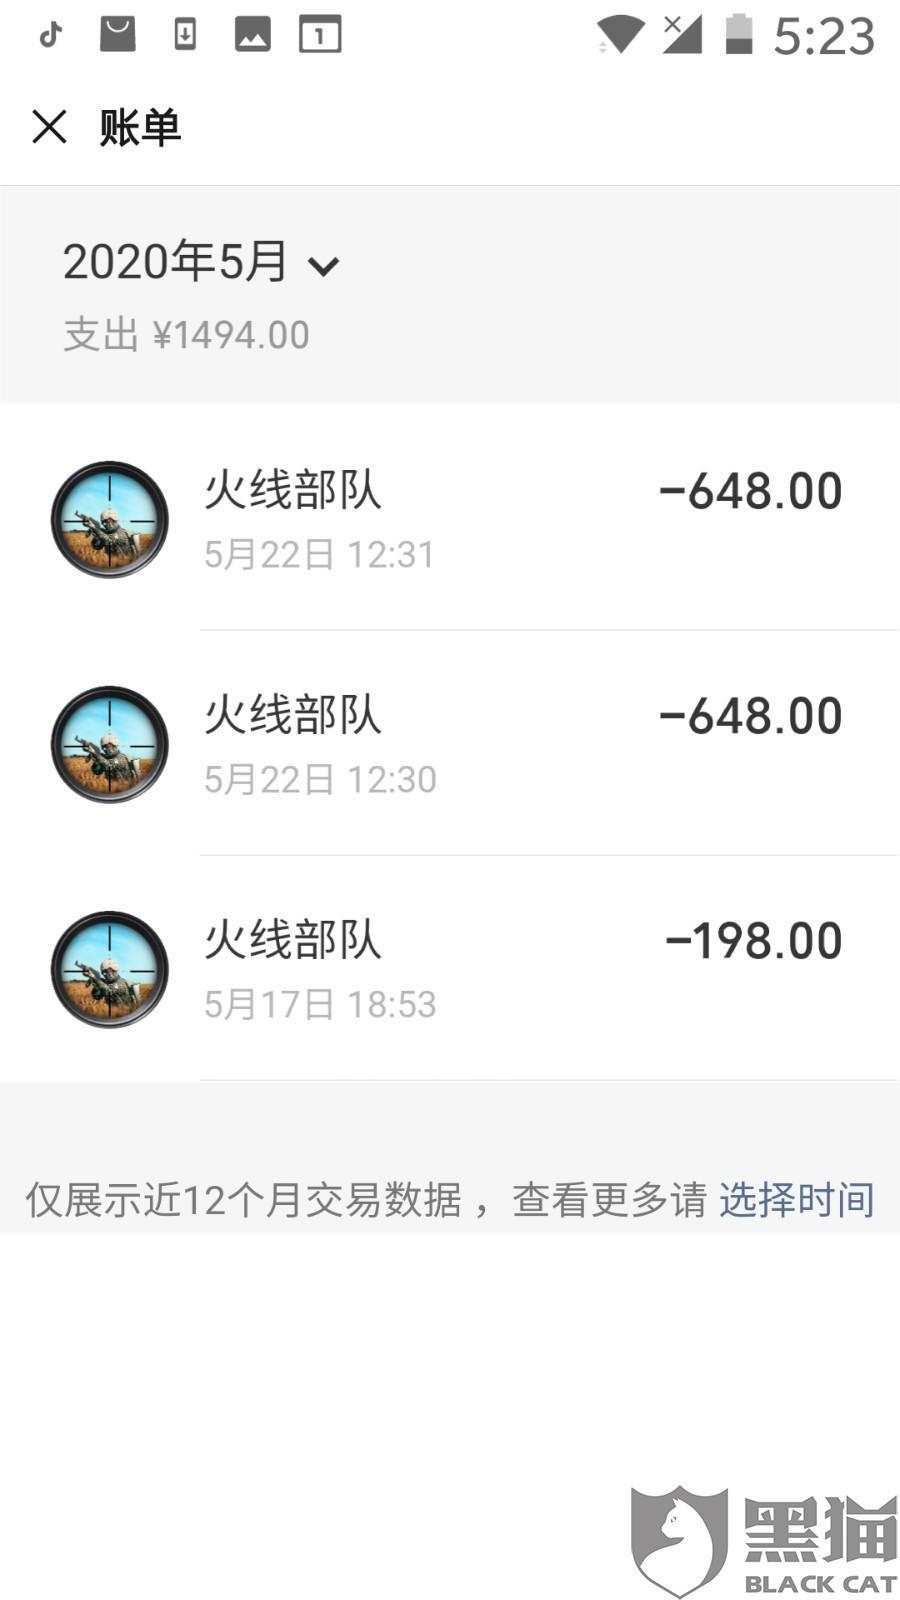 黑猫投诉:投诉上海邀玩网络技术有限公司名下的游戏火线部队拒不退钱问题!